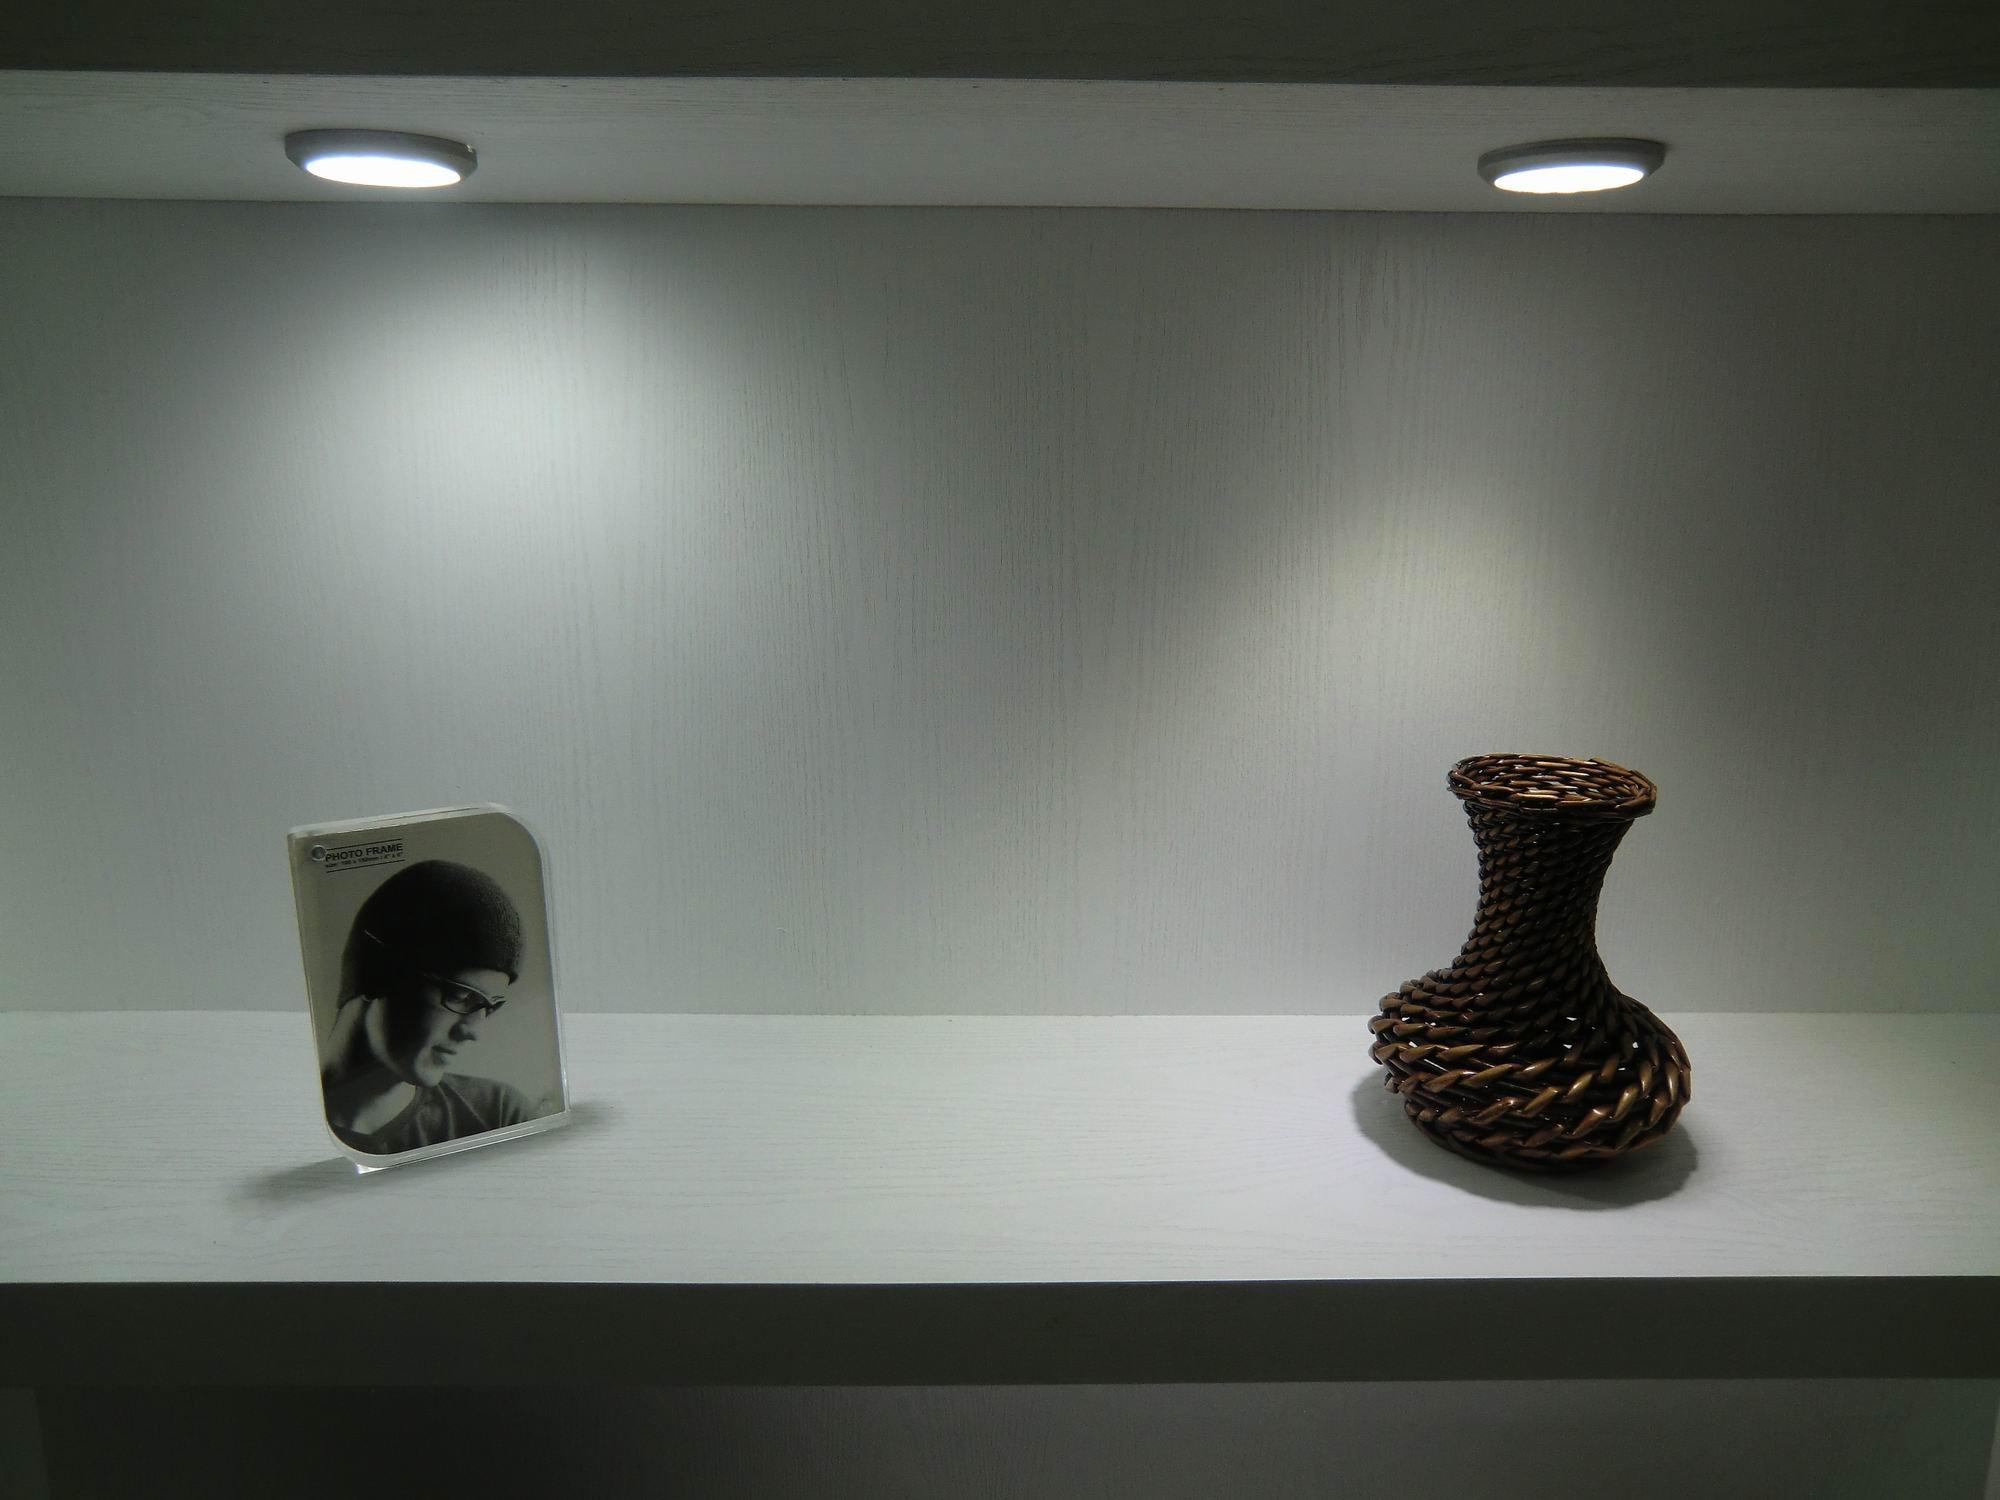 Keukenkasten Led Design Verlichting Van Ledw At Re